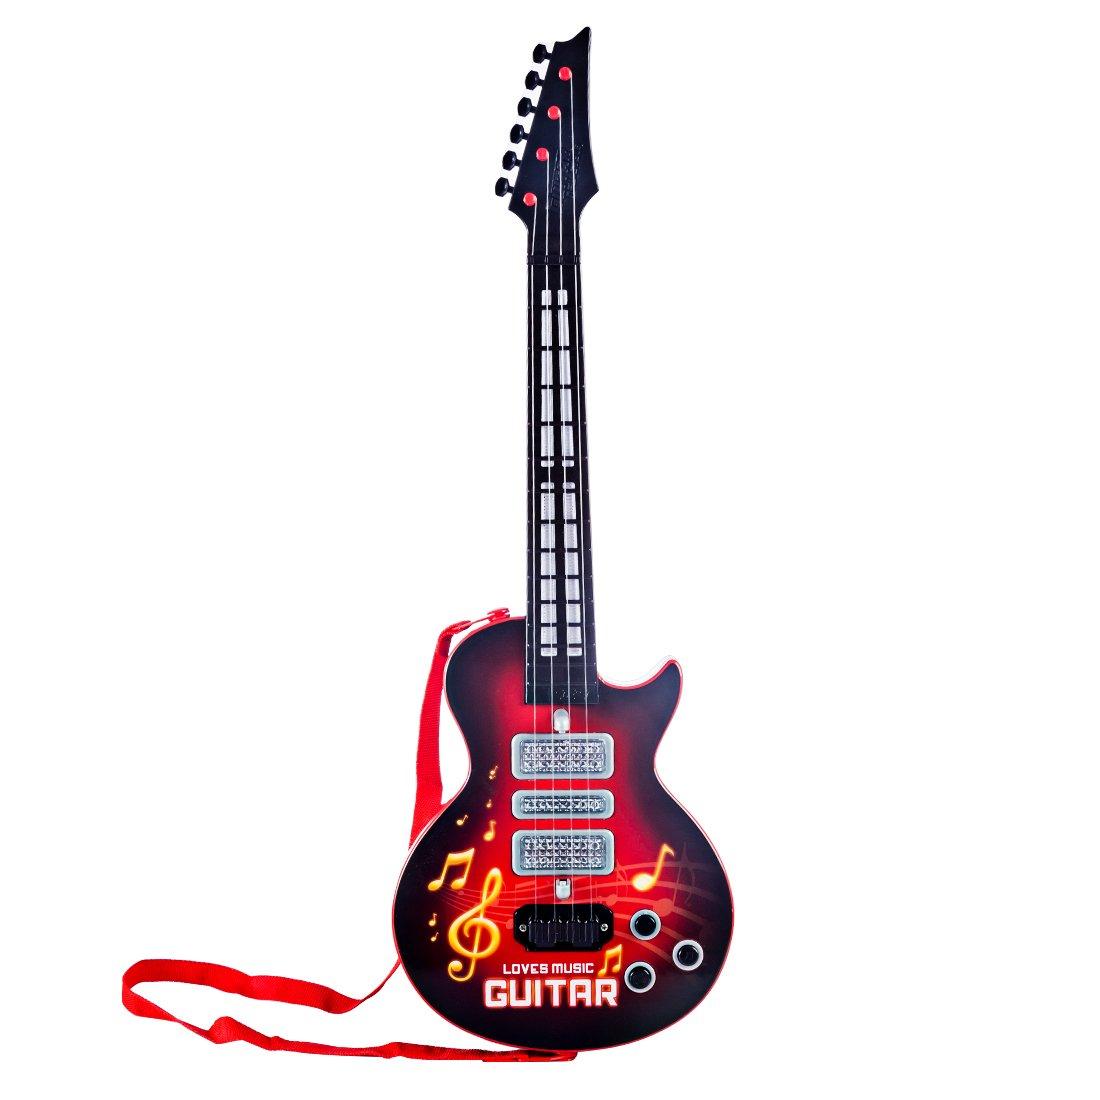 ANNA SHOP Gitarre Kinder, 4 Schnur Musik Gitarre Kinder Kinder Musikinstrumente Pä dagogisches Spielzeug ab 3 Jahre